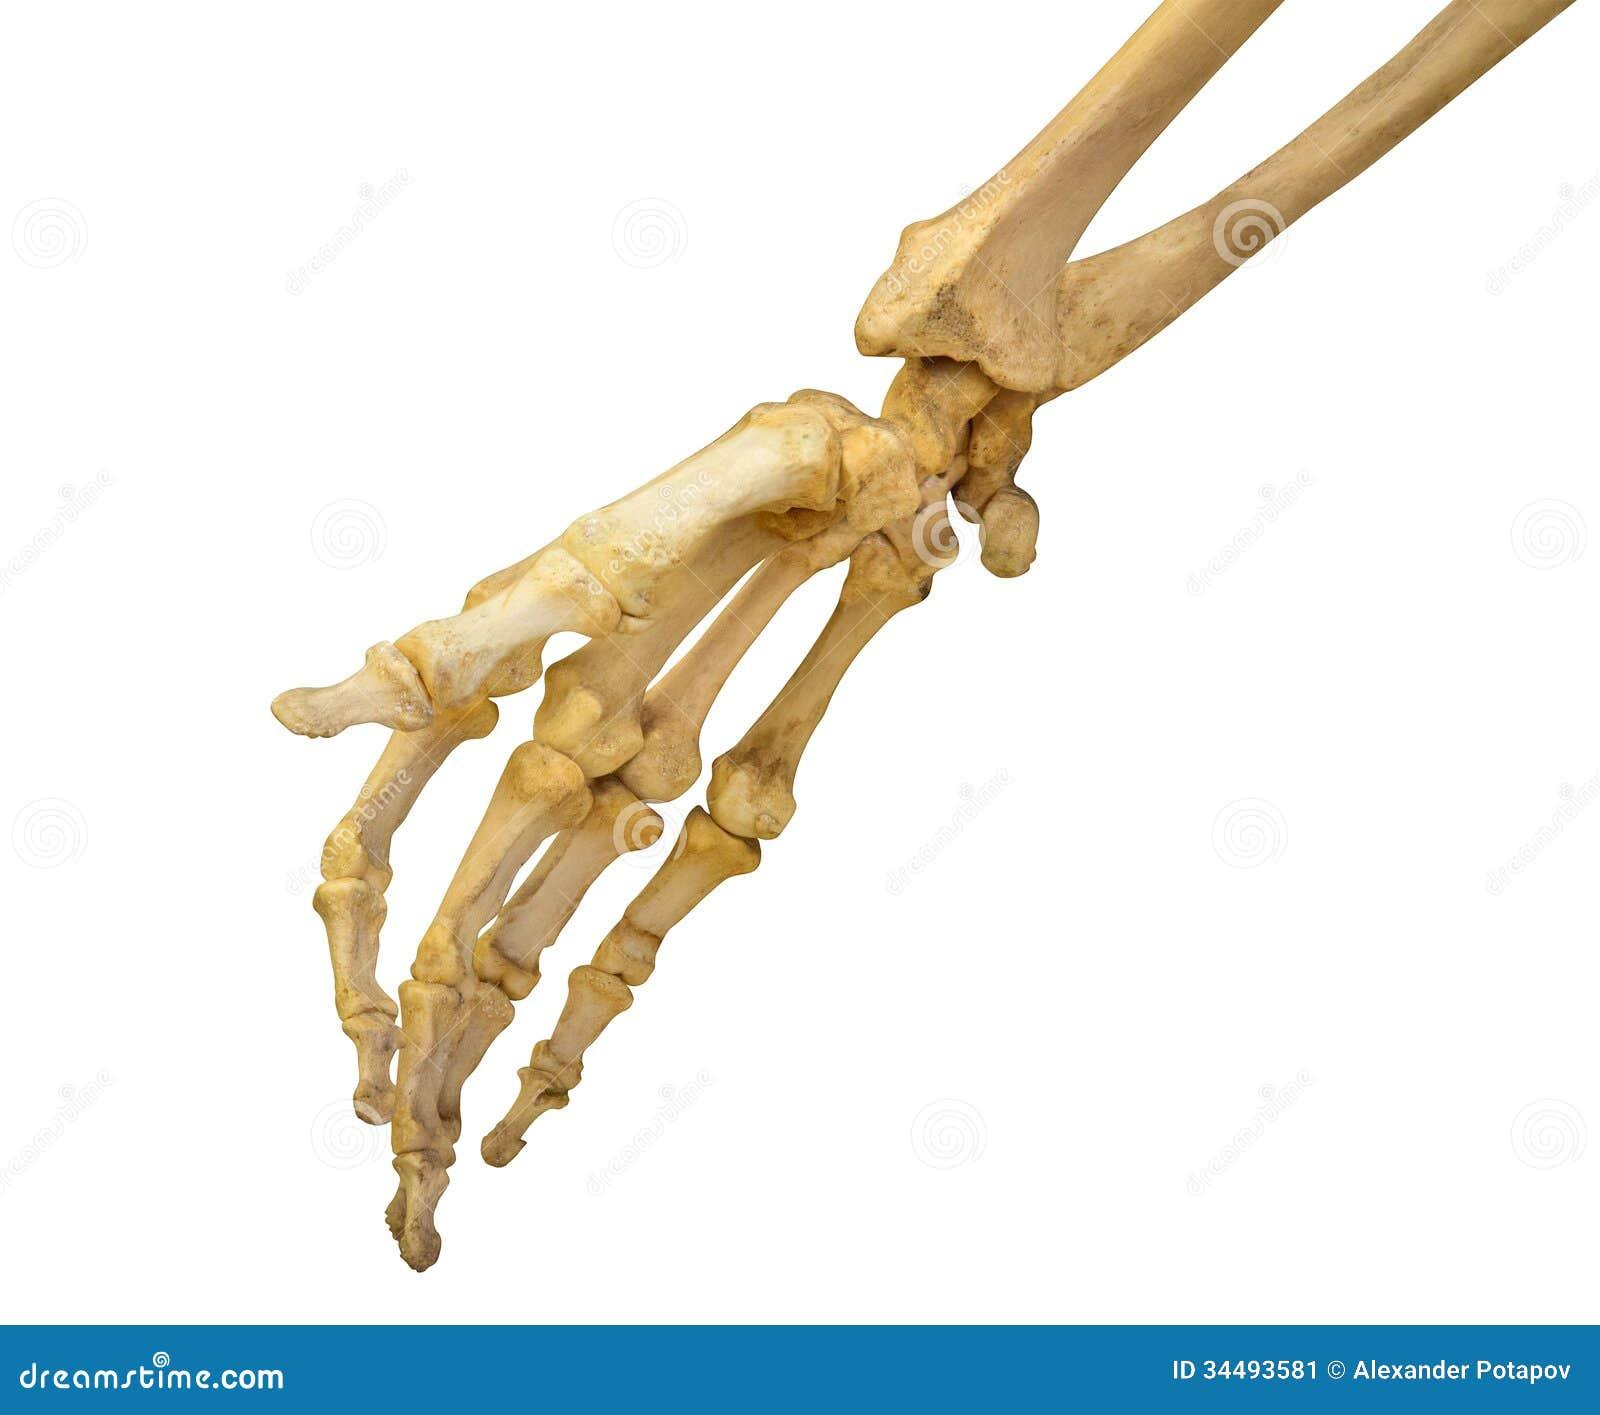 Menschliches Handskelett auf Weiß